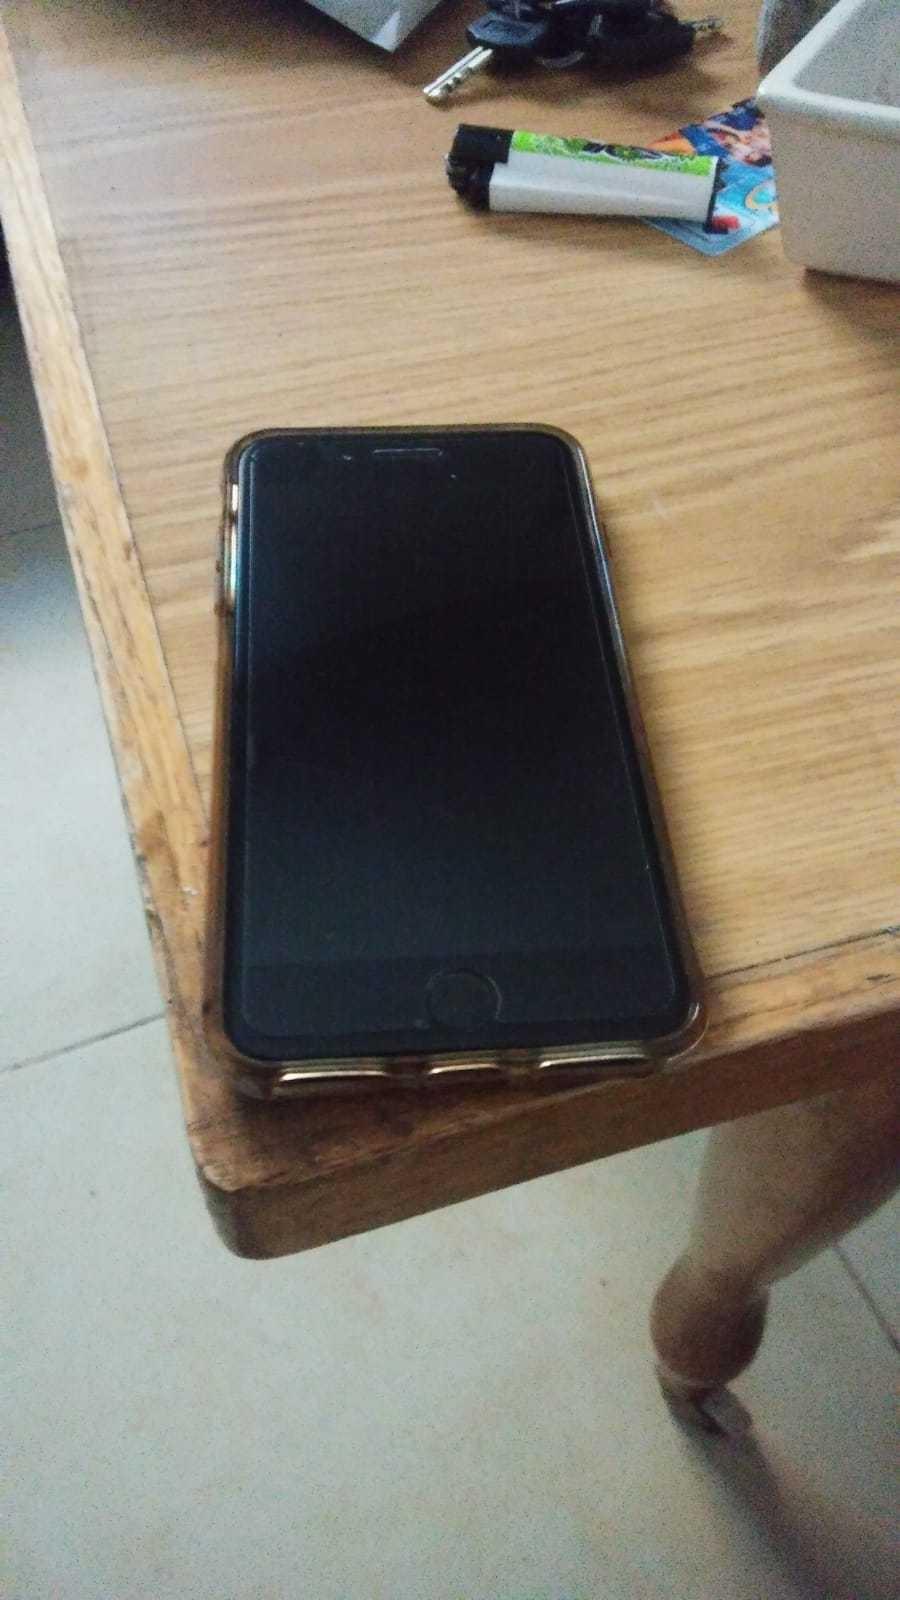 סלולרי מכשיר סלולרי אפל Apple אייפון 8 פלוס בירושלים